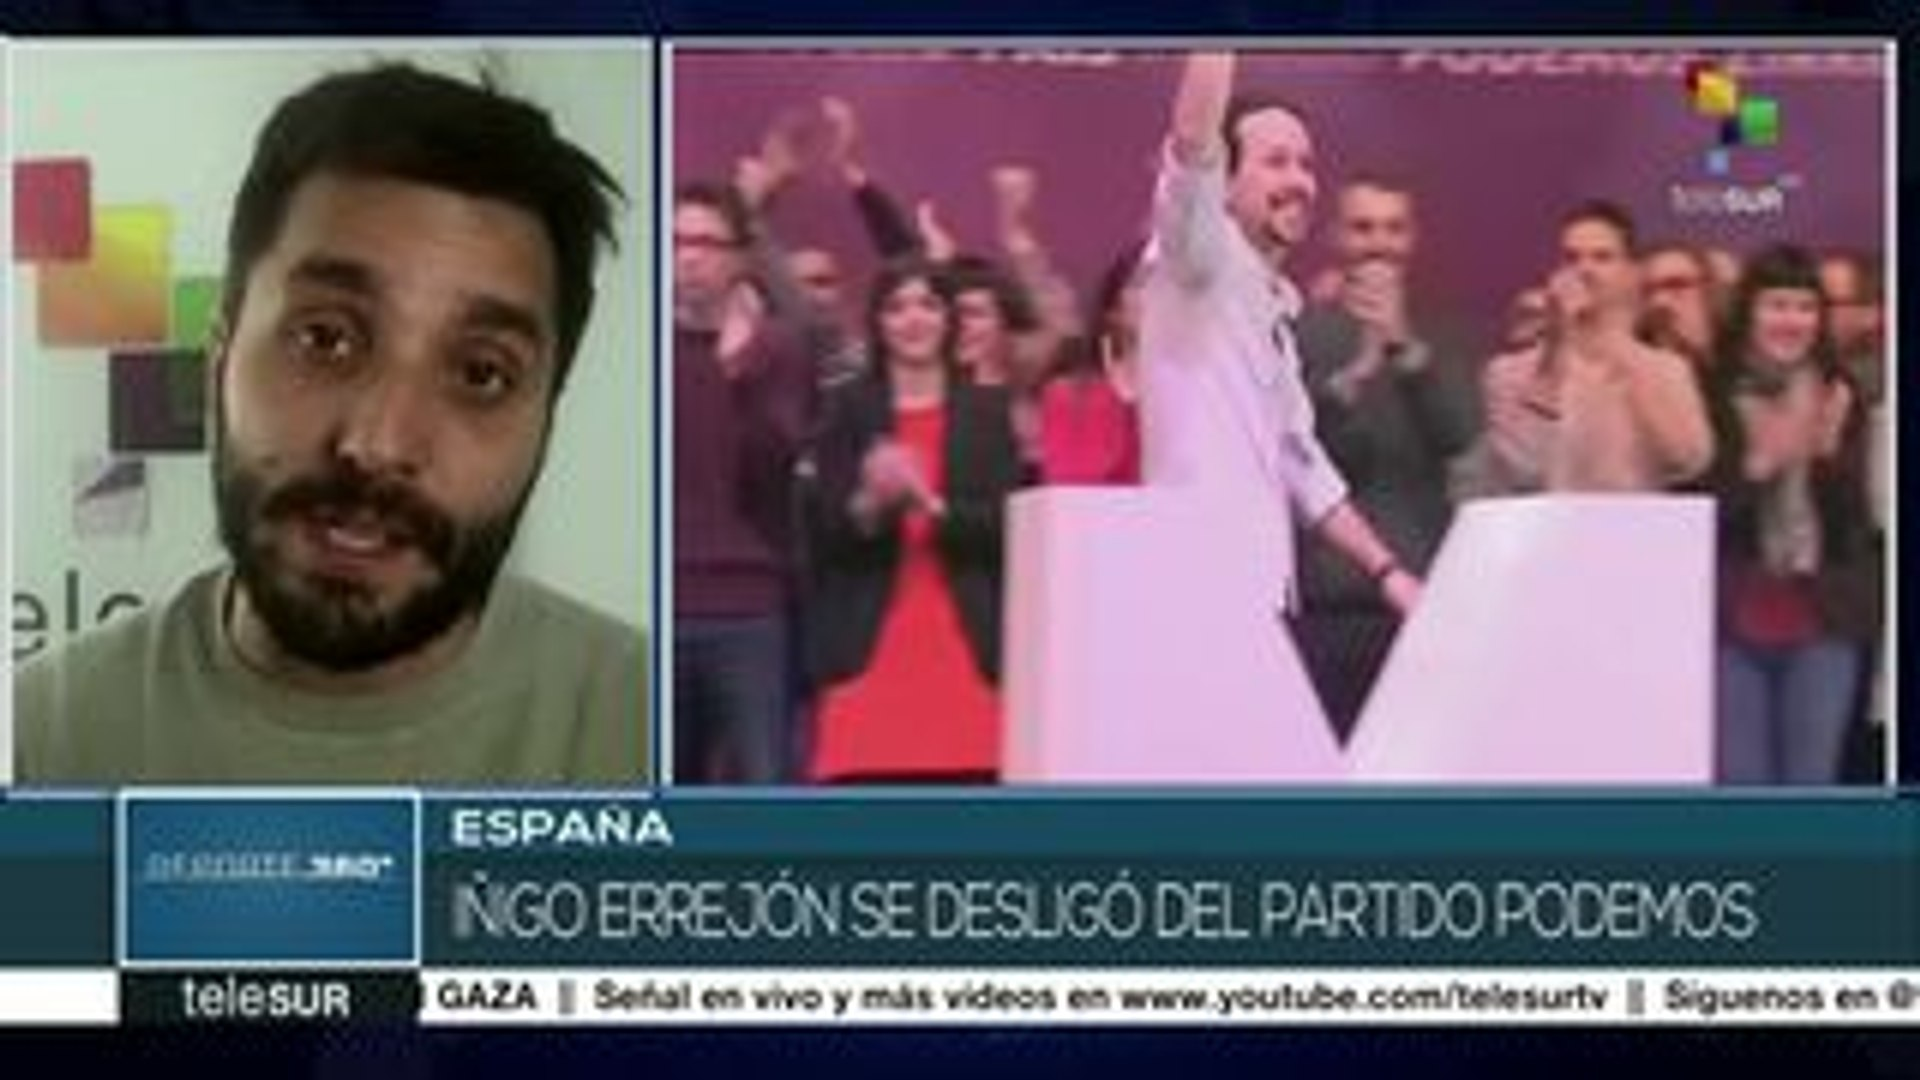 España: Íñigo Errejón se desliga del partido Podemos